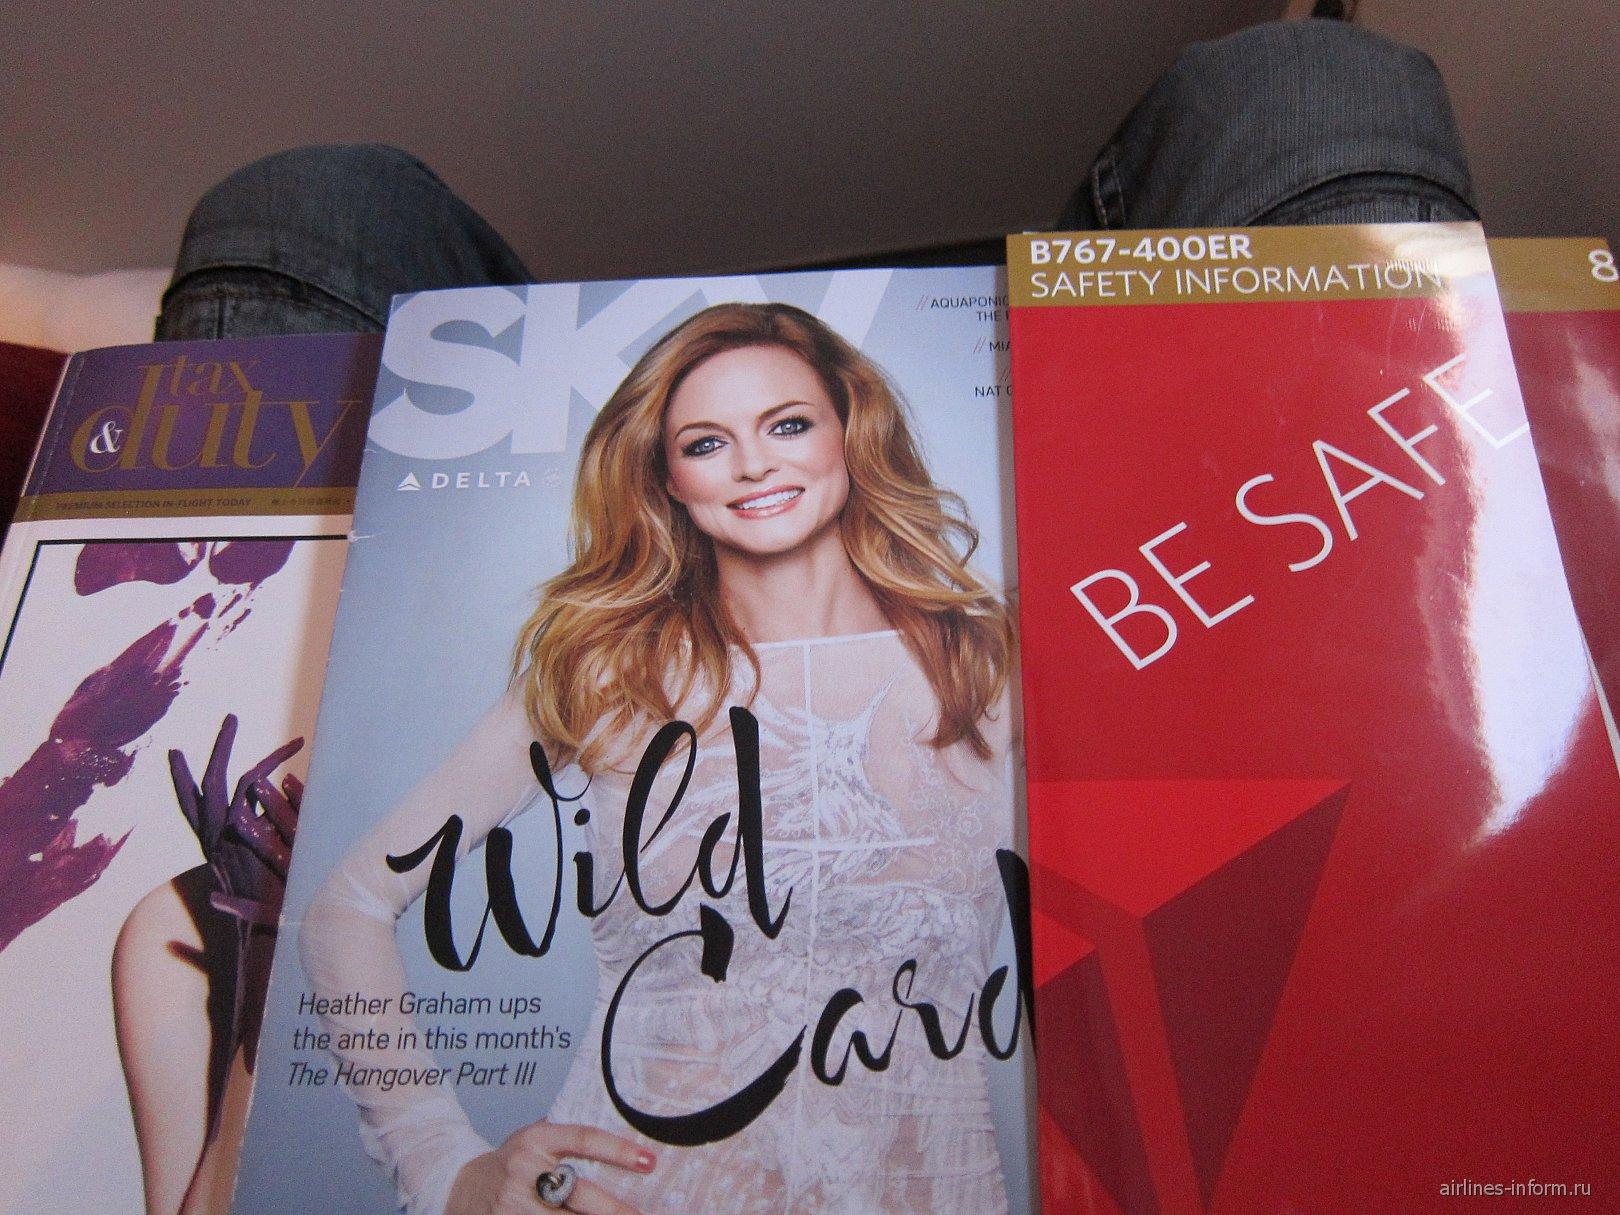 Журналы для пассажиров авиакомпании Дельта